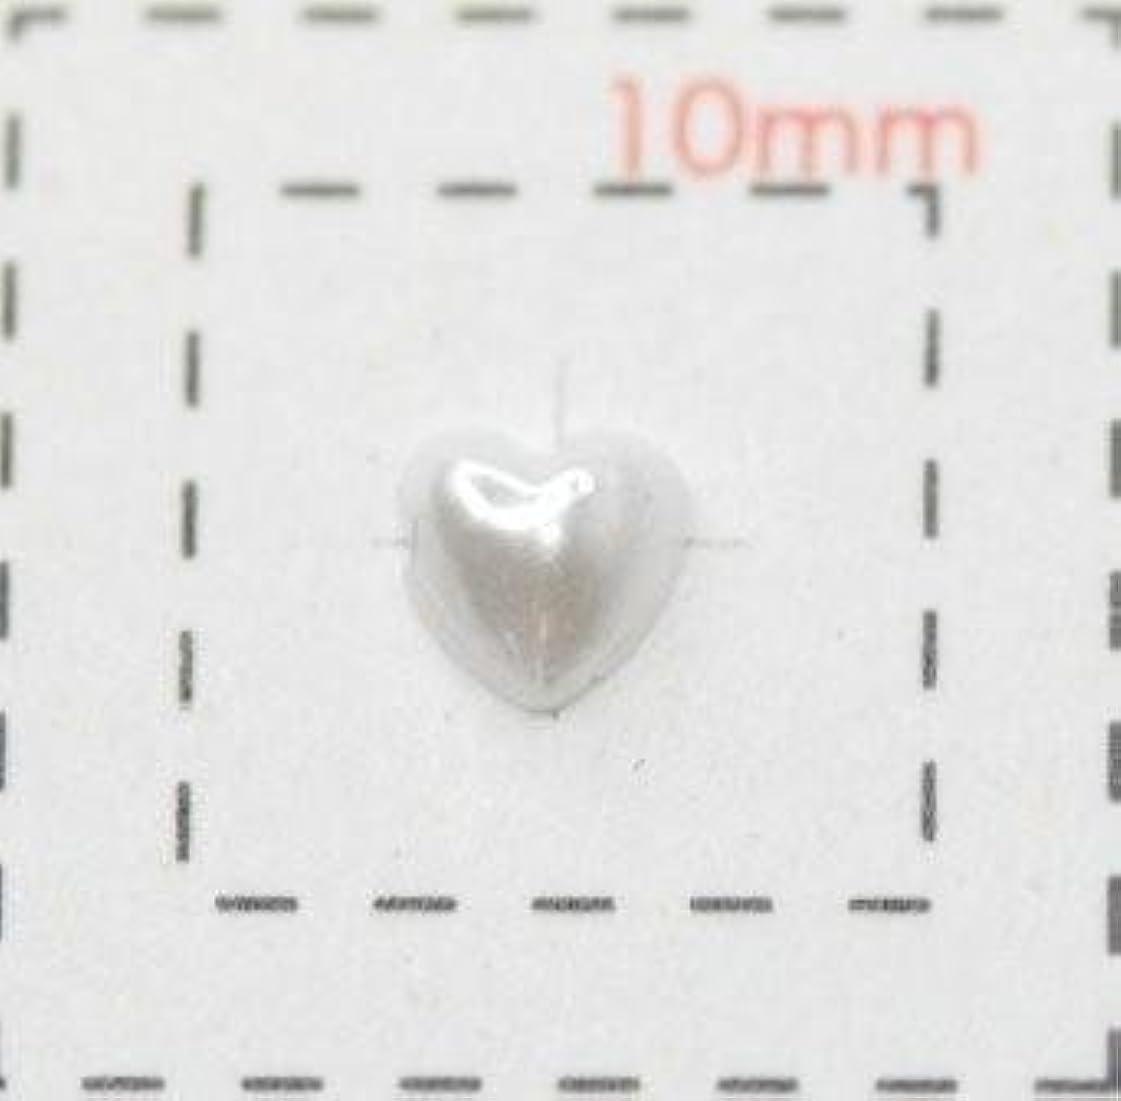 バルコニーマリナーバージンパールハート《ネイル用ハートストーン》(1)3mmホワイト0.5g約40個入